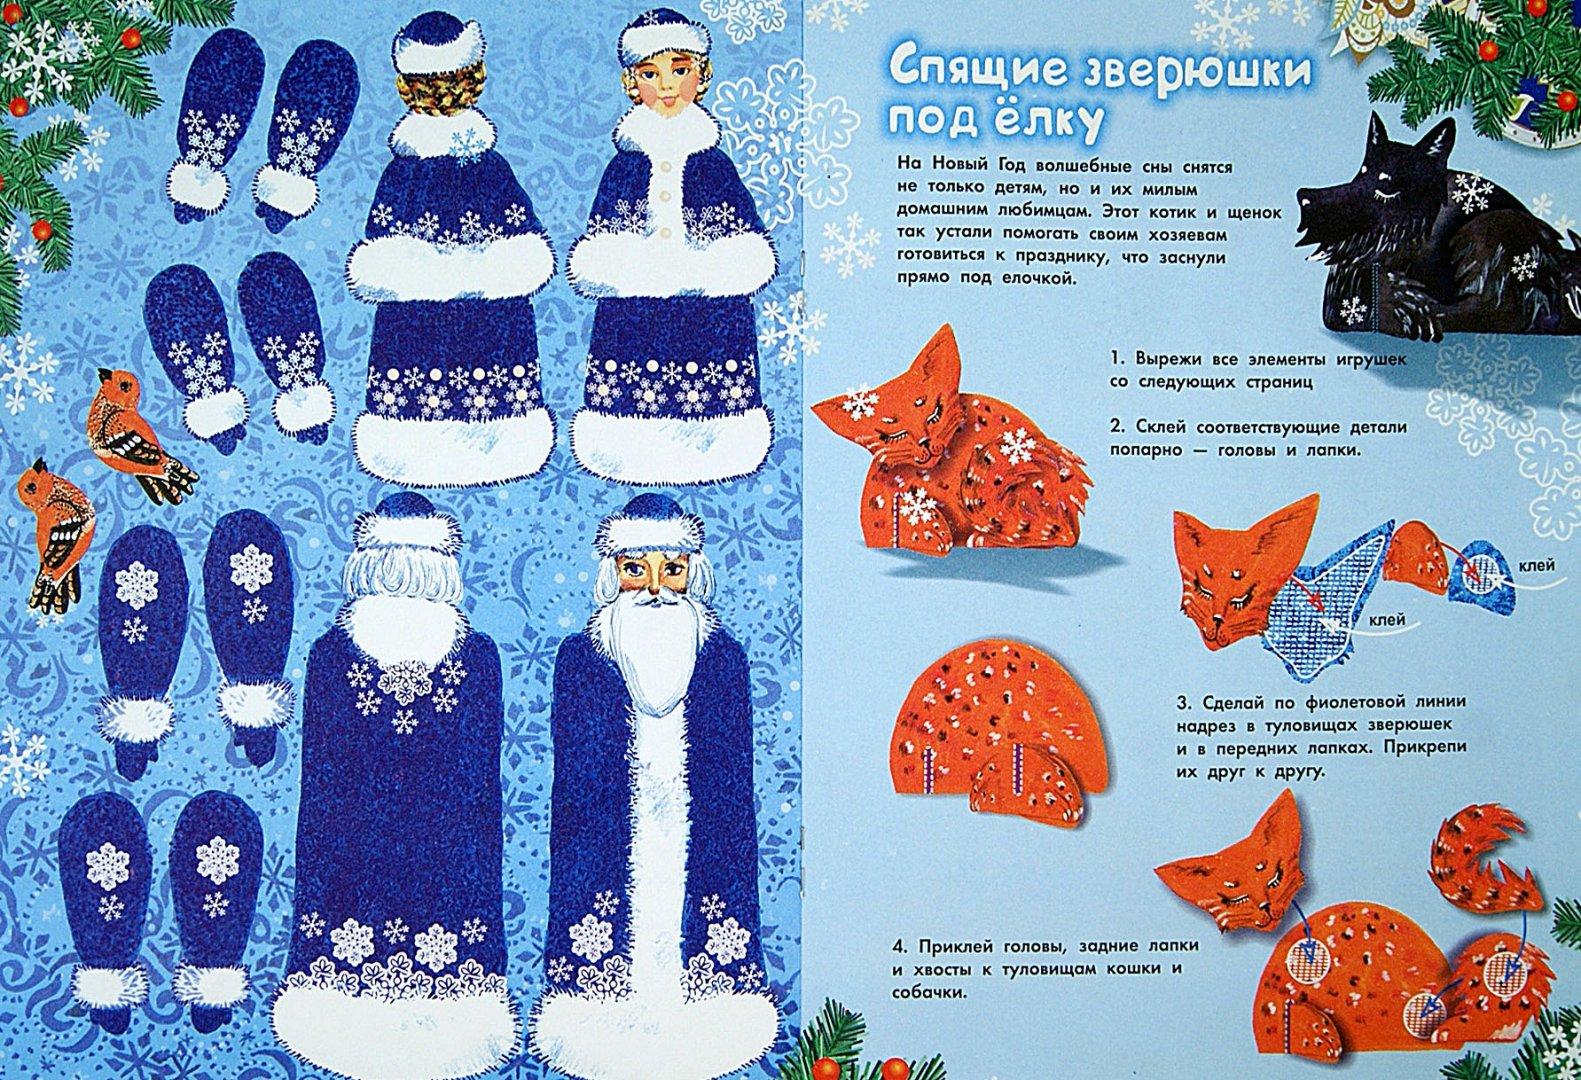 Иллюстрация 1 из 6 для Волшебные игрушки на ёлку. Альбом самоделок - Н. Власенко   Лабиринт - книги. Источник: Лабиринт